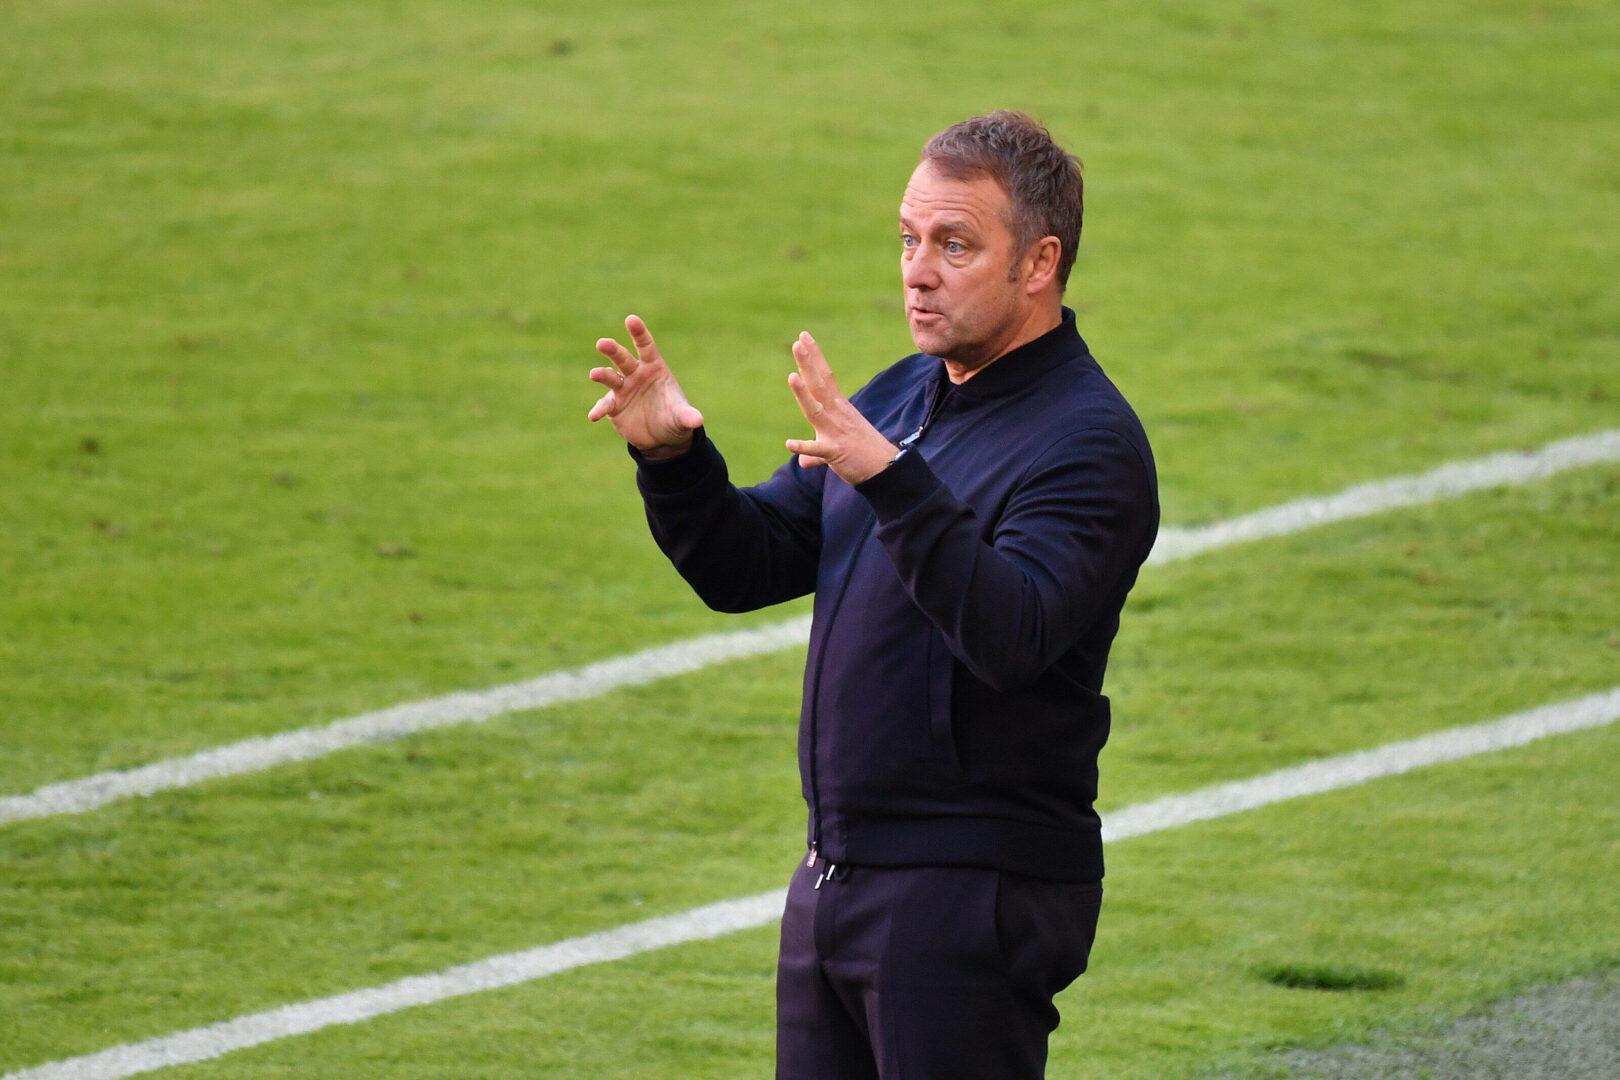 Vertrag gilt ab heute: Hansi Flick stellt sich als Nationaltrainer vor